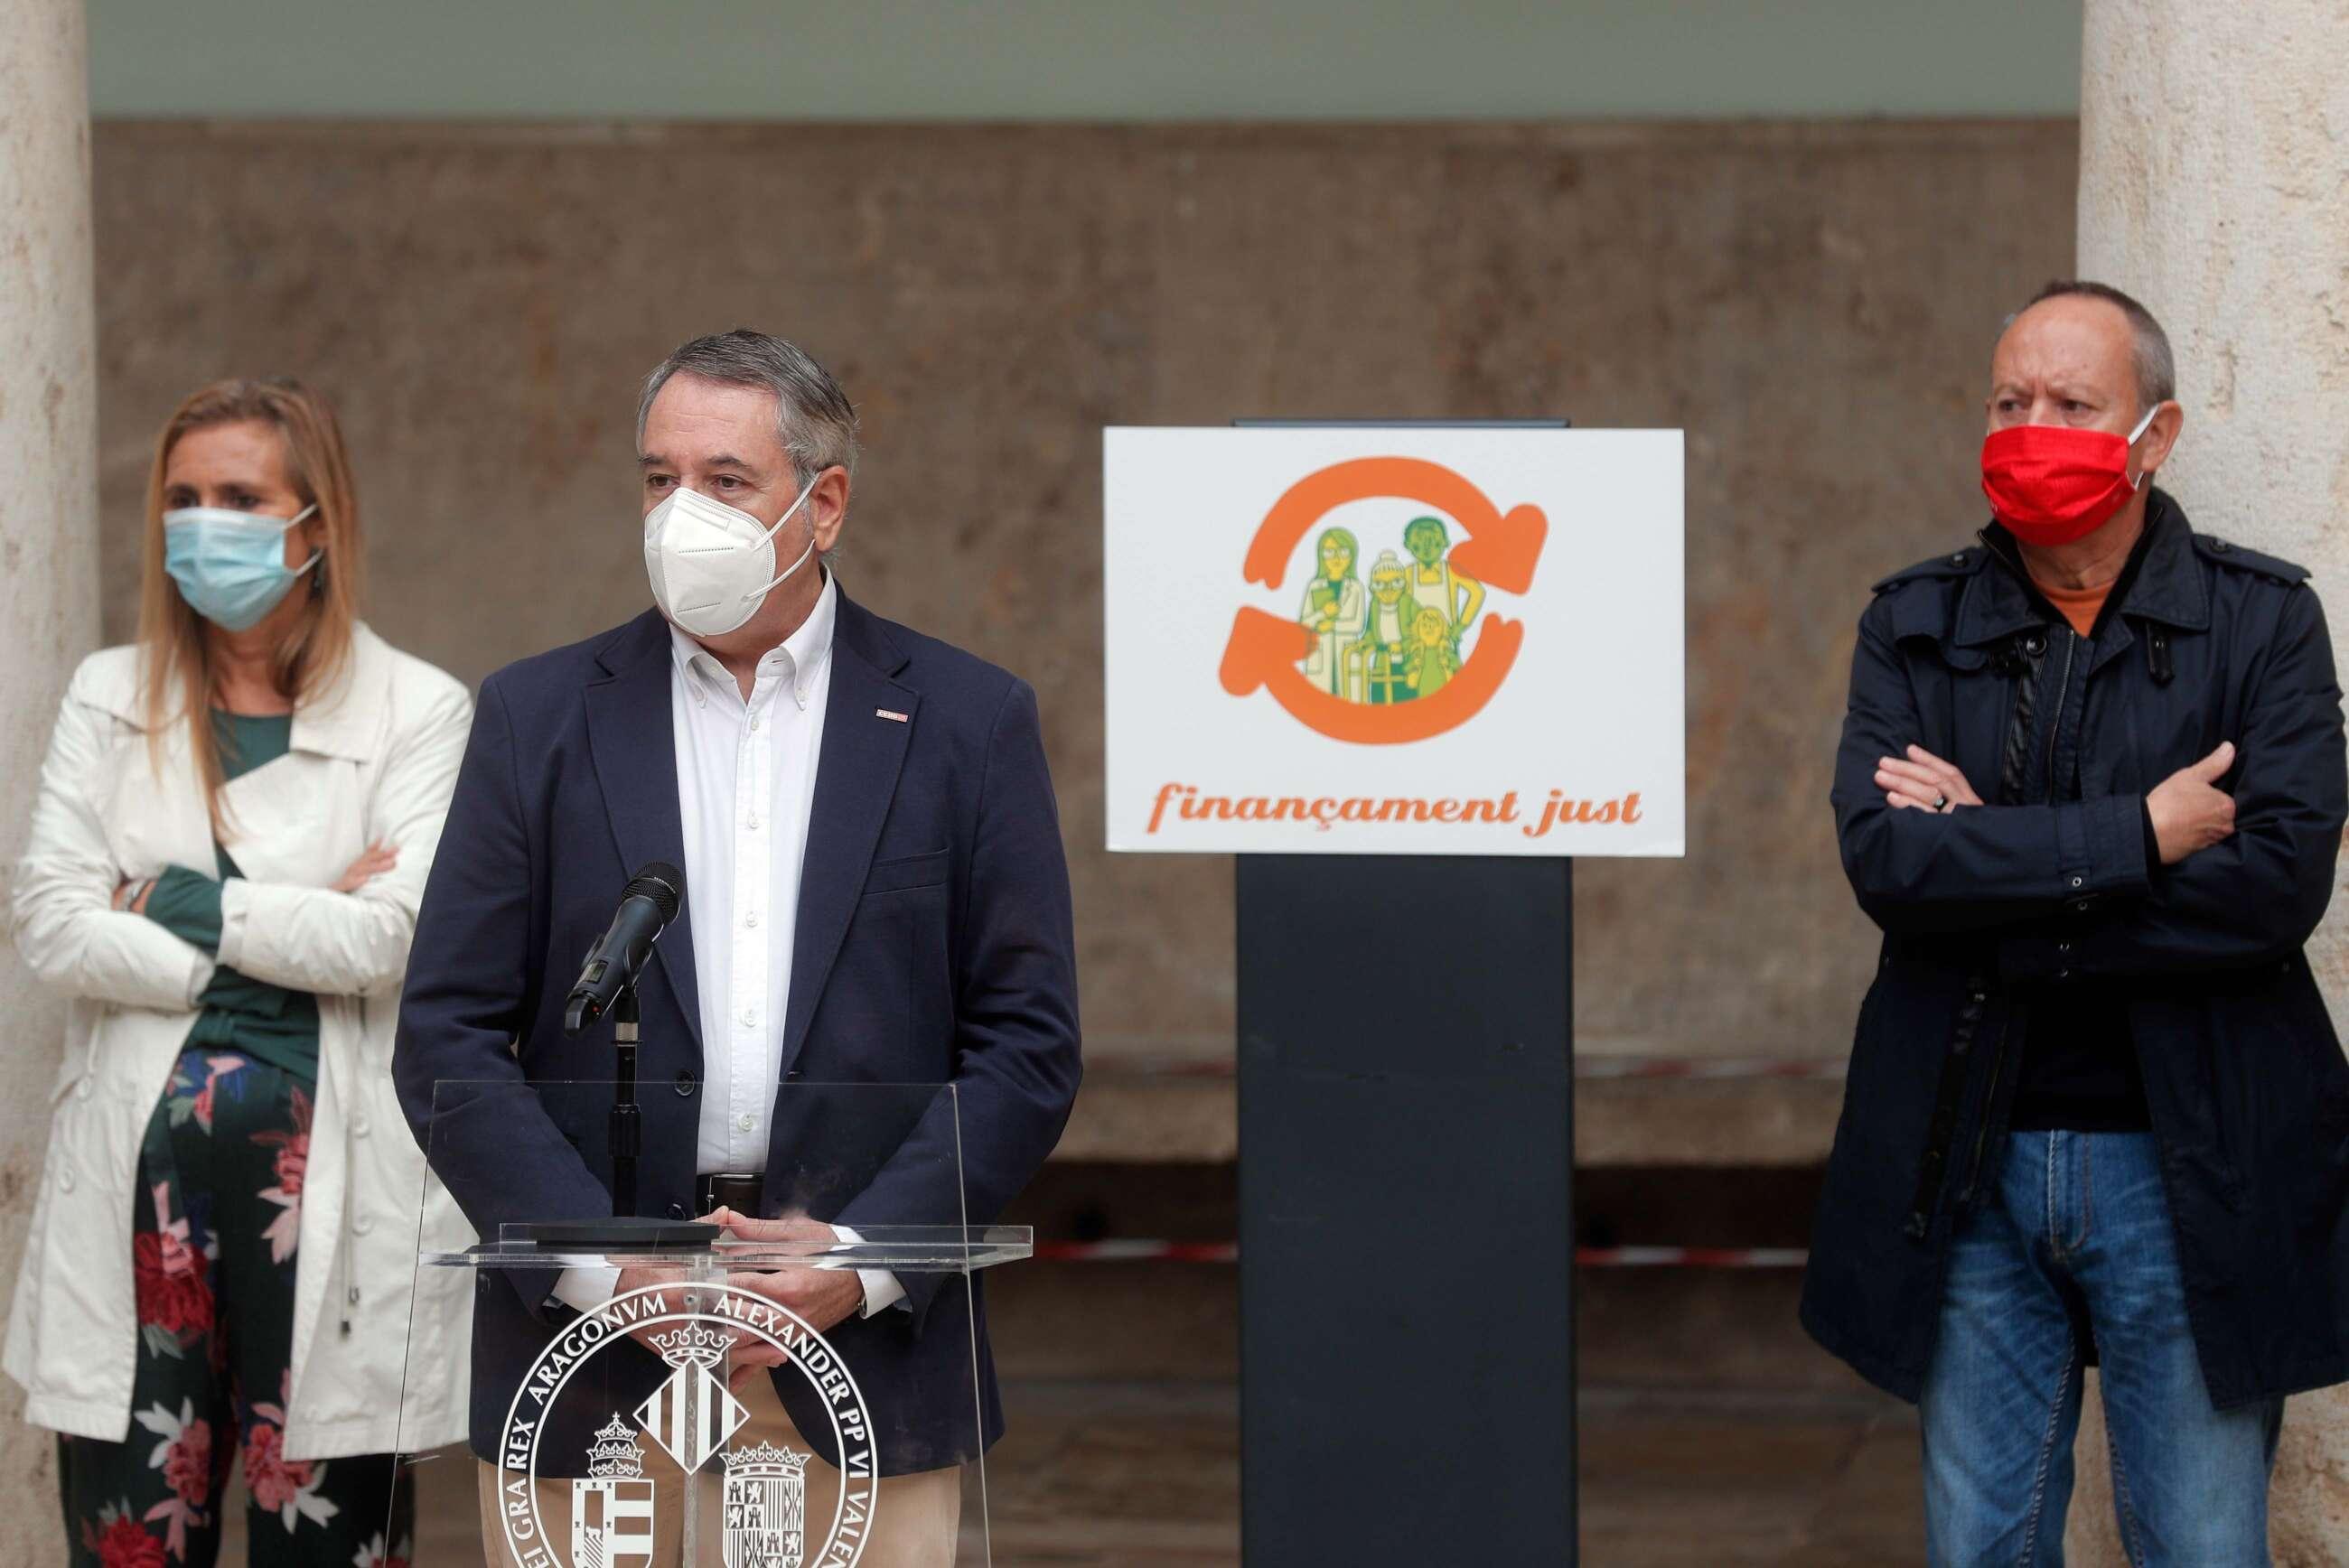 El secretario general de CCOO PV, Arturo León, interviene en un acto público, días antes de presentar su dimisión por haberse vacunado de coronavirus. EFE/Kai Försterling